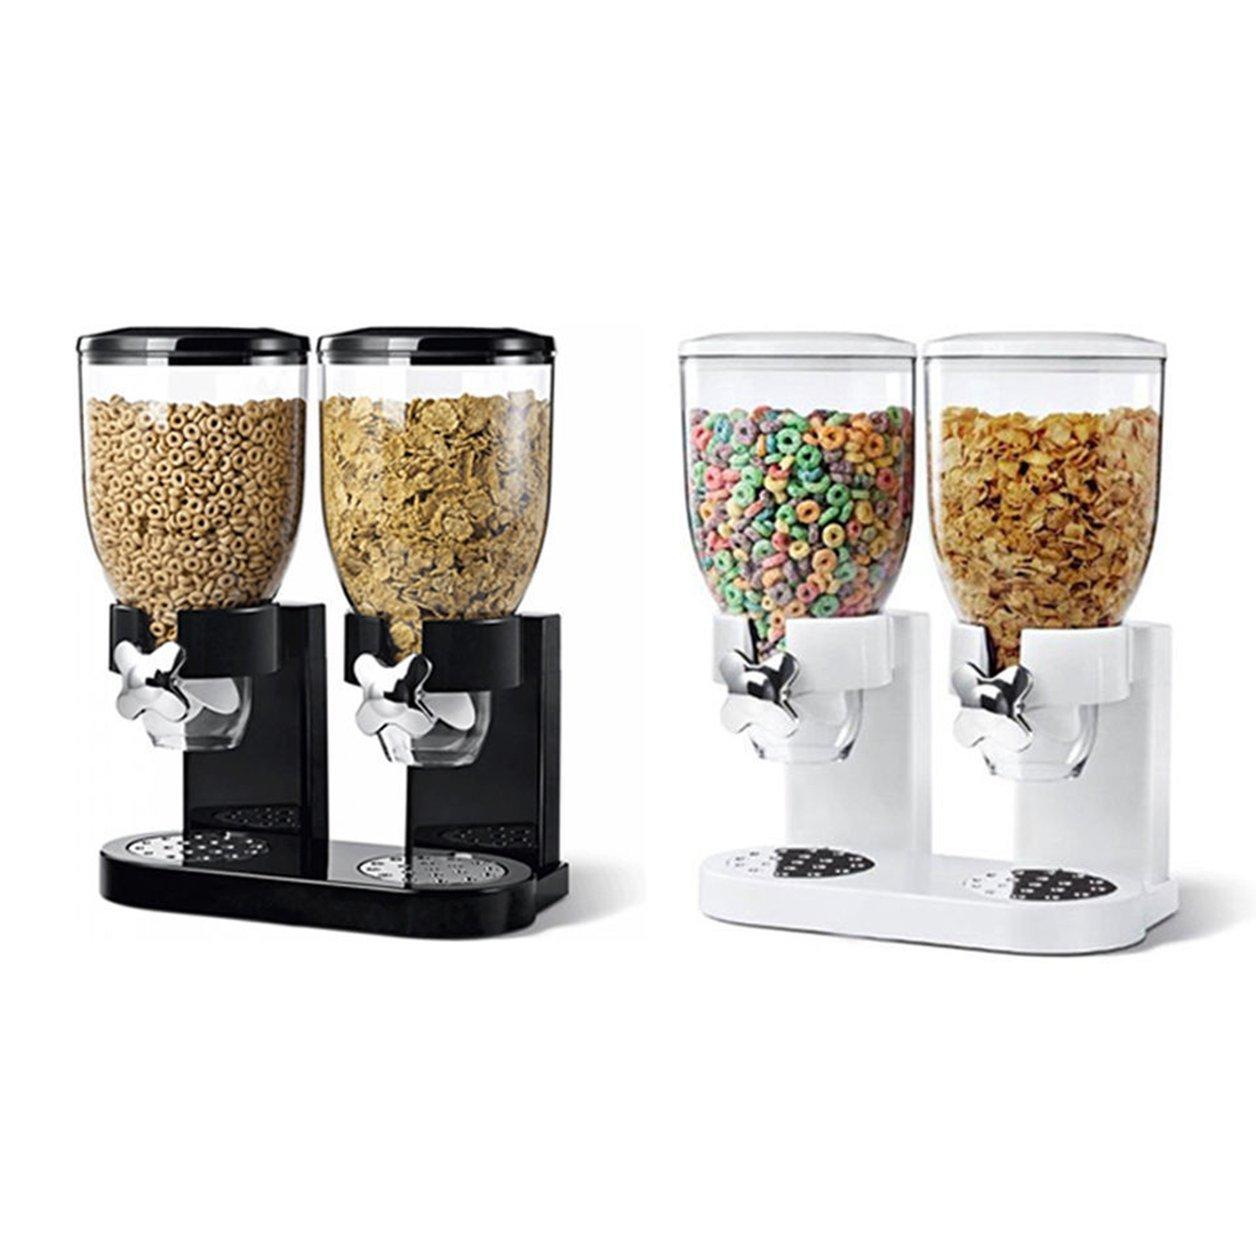 ... Doble cámaras herméticas almacenaje de la cocina, camas de doble contenedor de Control de Alimentos dispensador para cereales de granola mezcla del ...